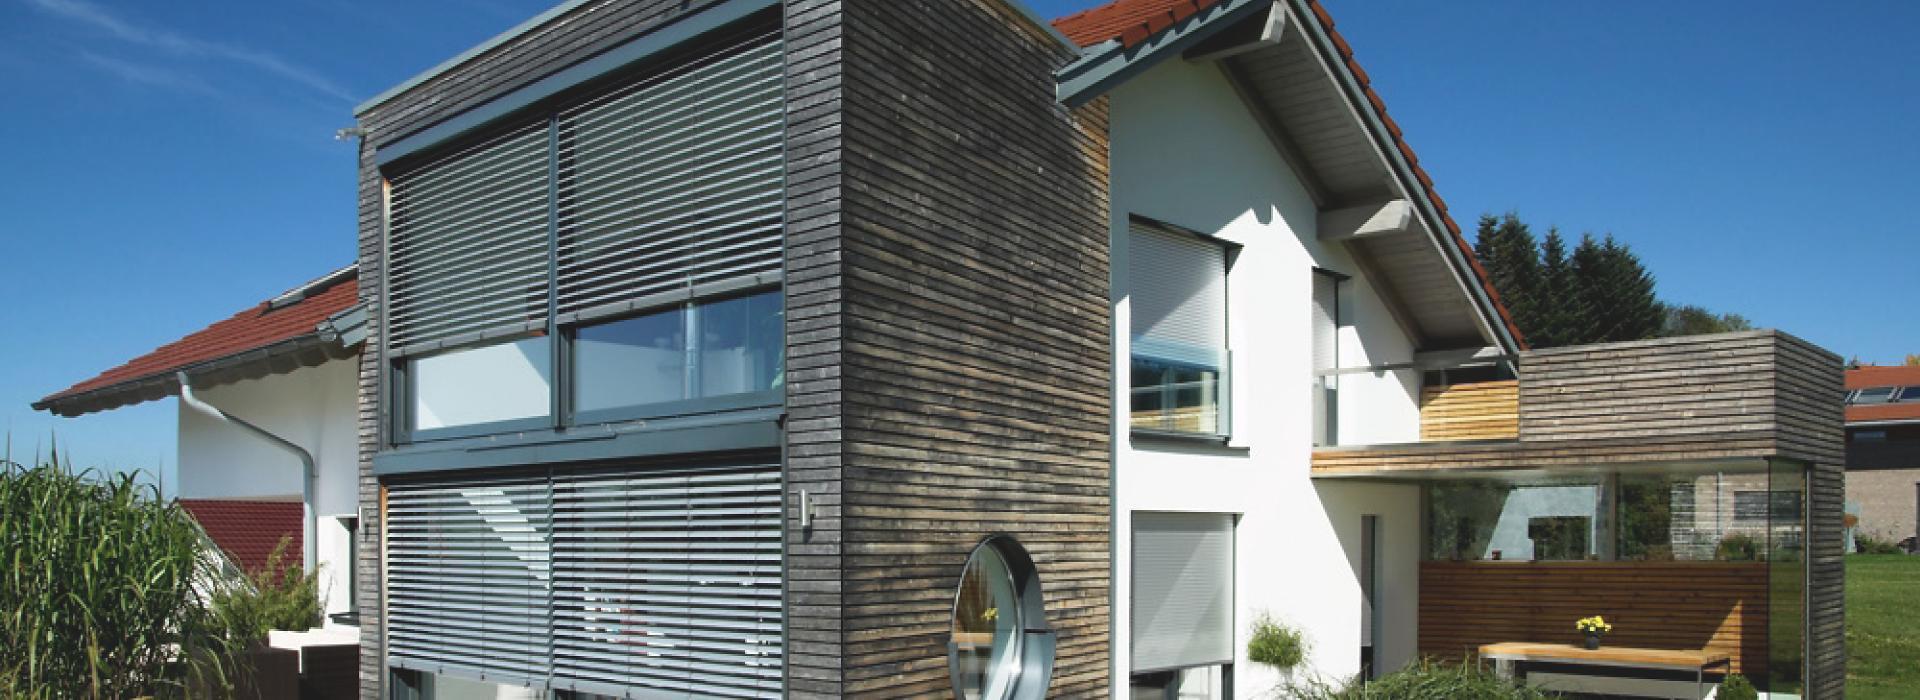 Favorit Vorbauraffstoren von ROMA bieten Komfort vor dem Fenster VX68